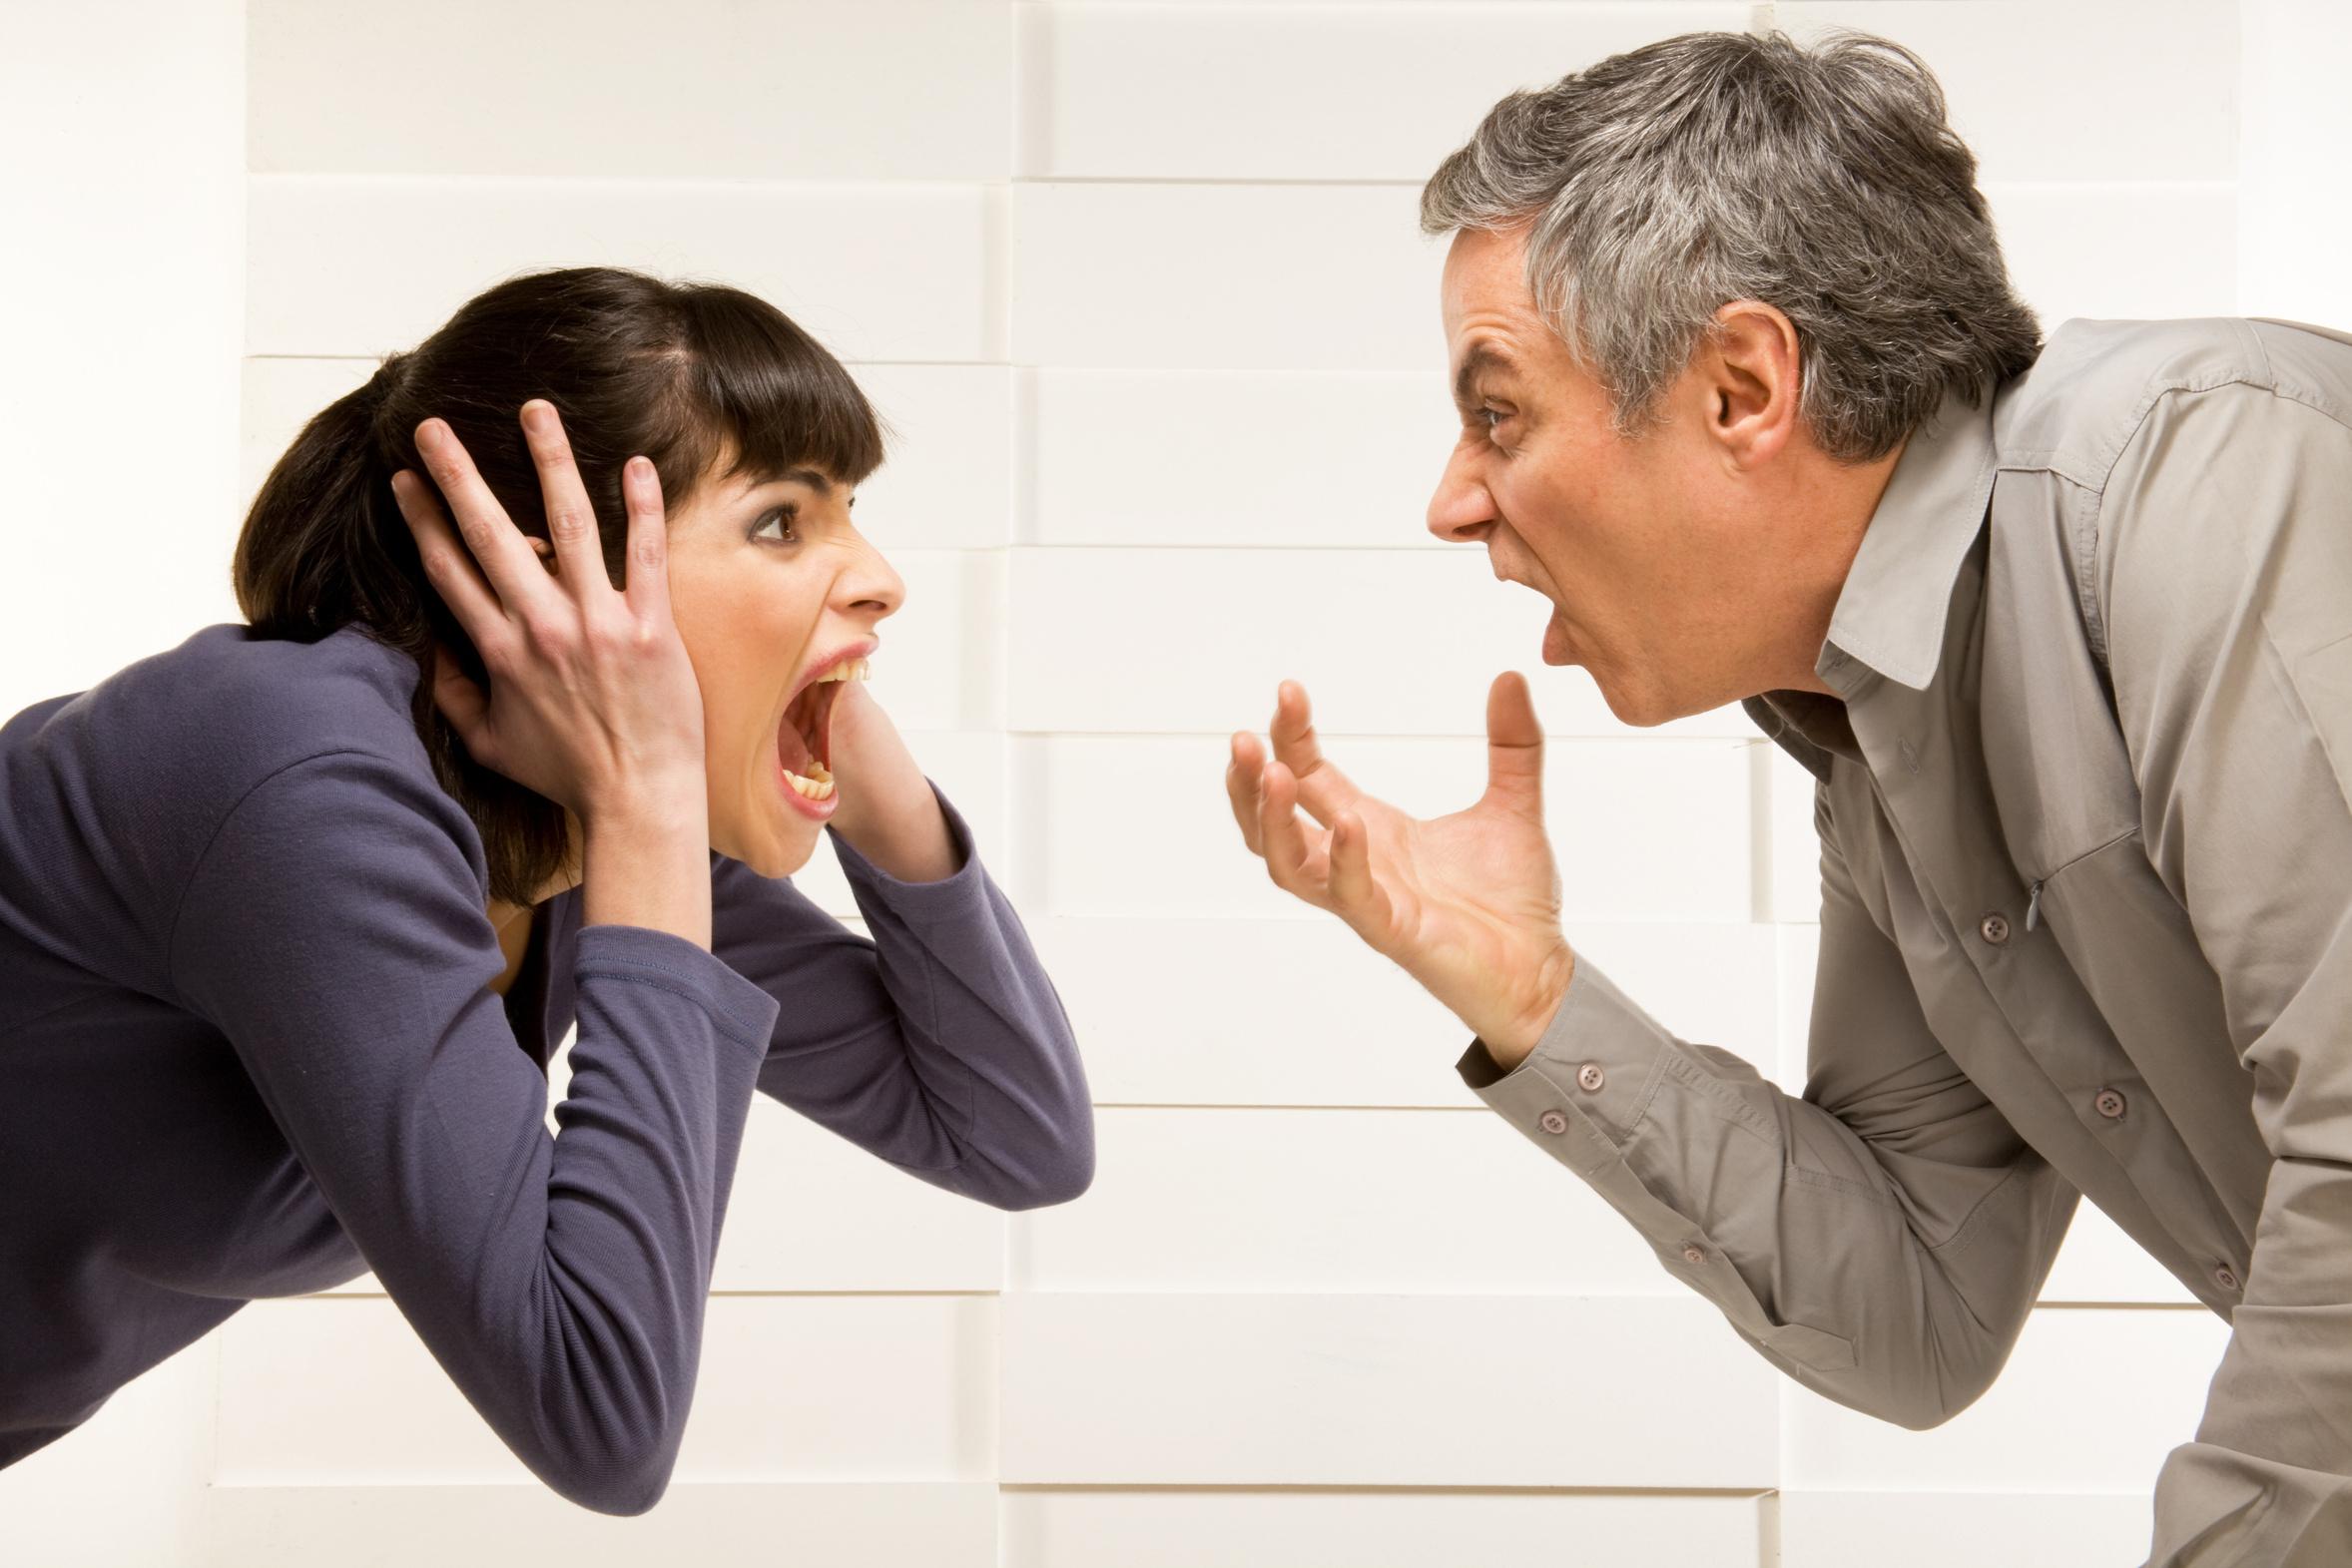 мужчина и женщина в офисной одежде, кричащие друг на друга